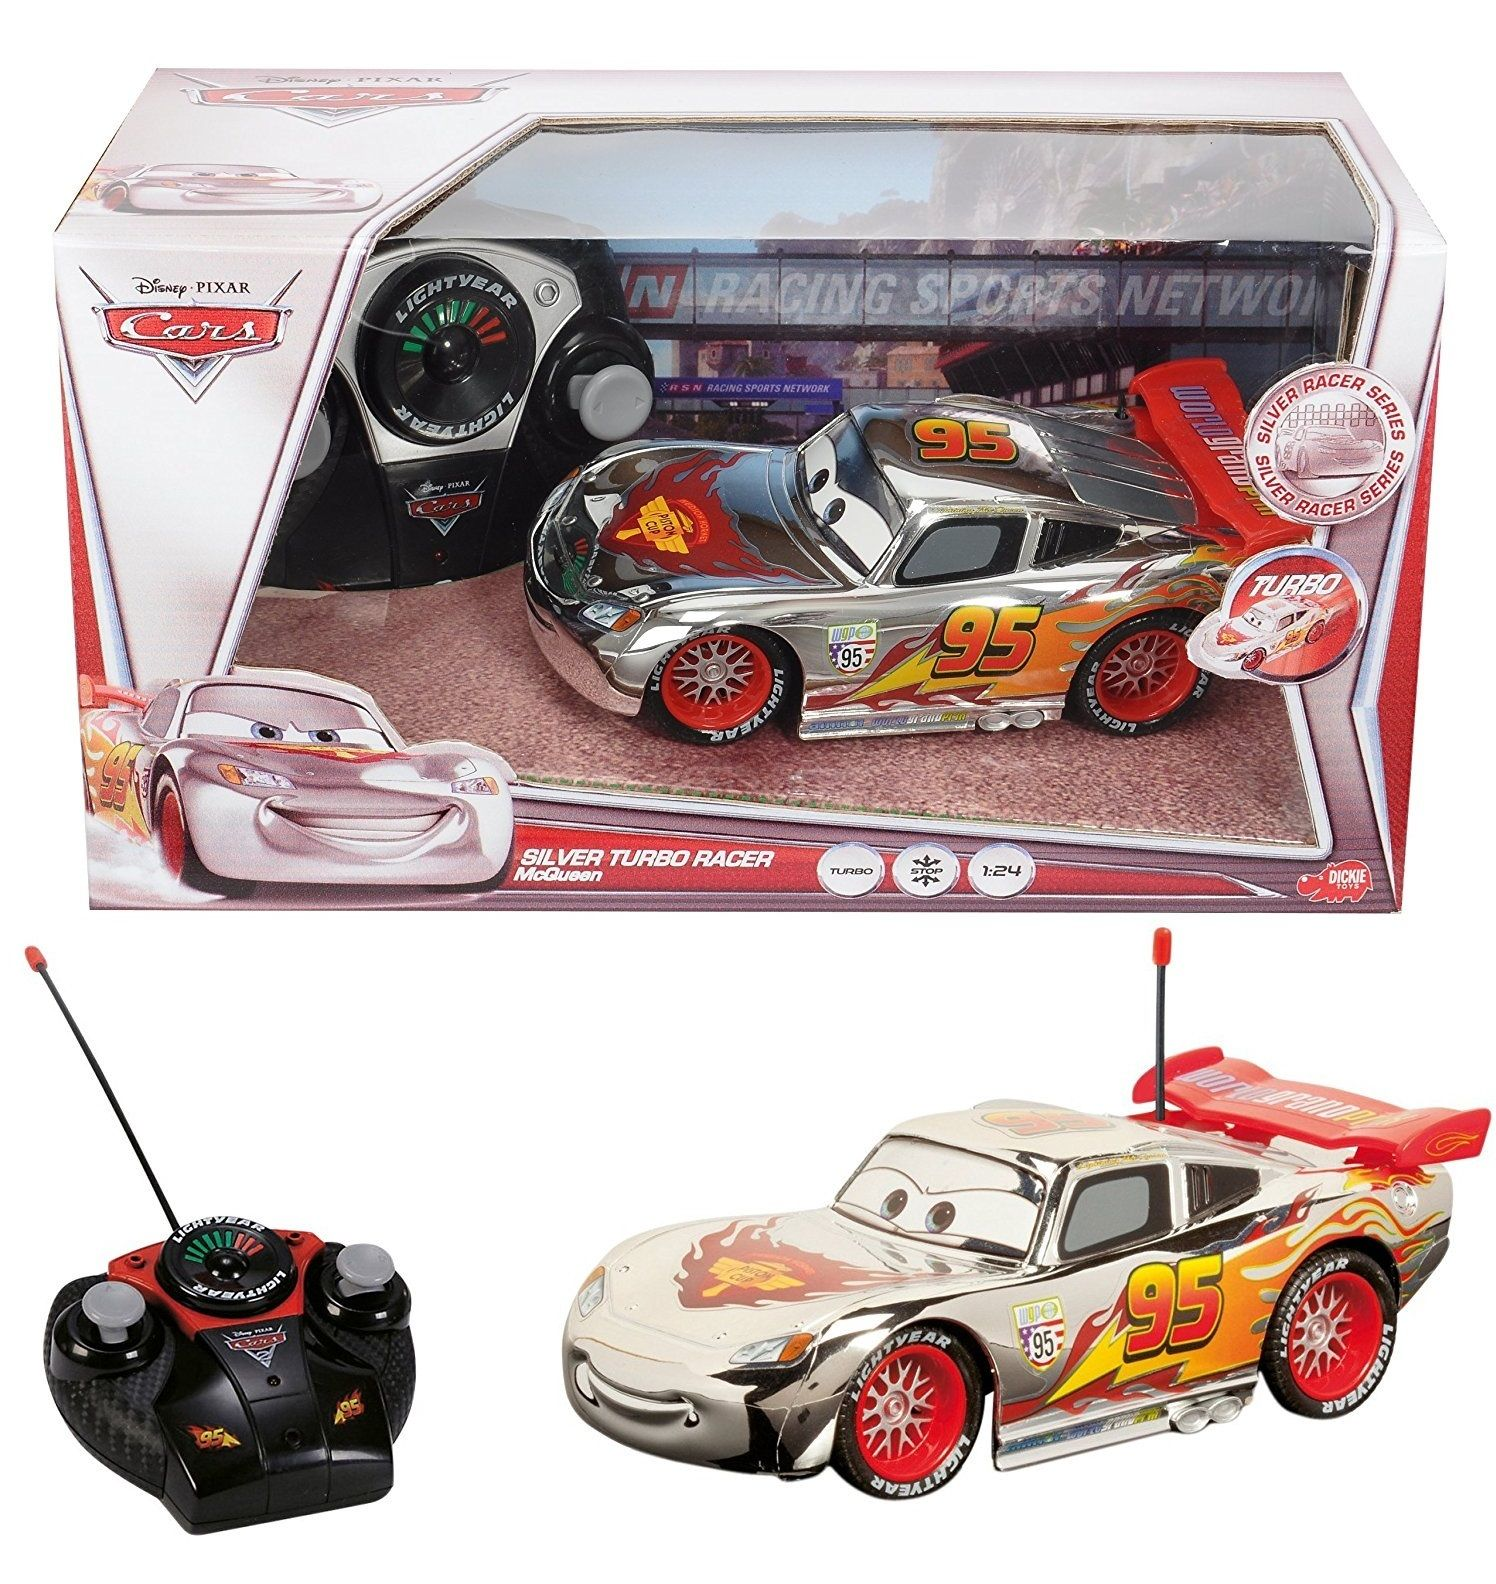 ディズニー・ピクサー カーズ2  Dickie Toys社 シルバー・ライトニング・マックイーン ラジコンカー